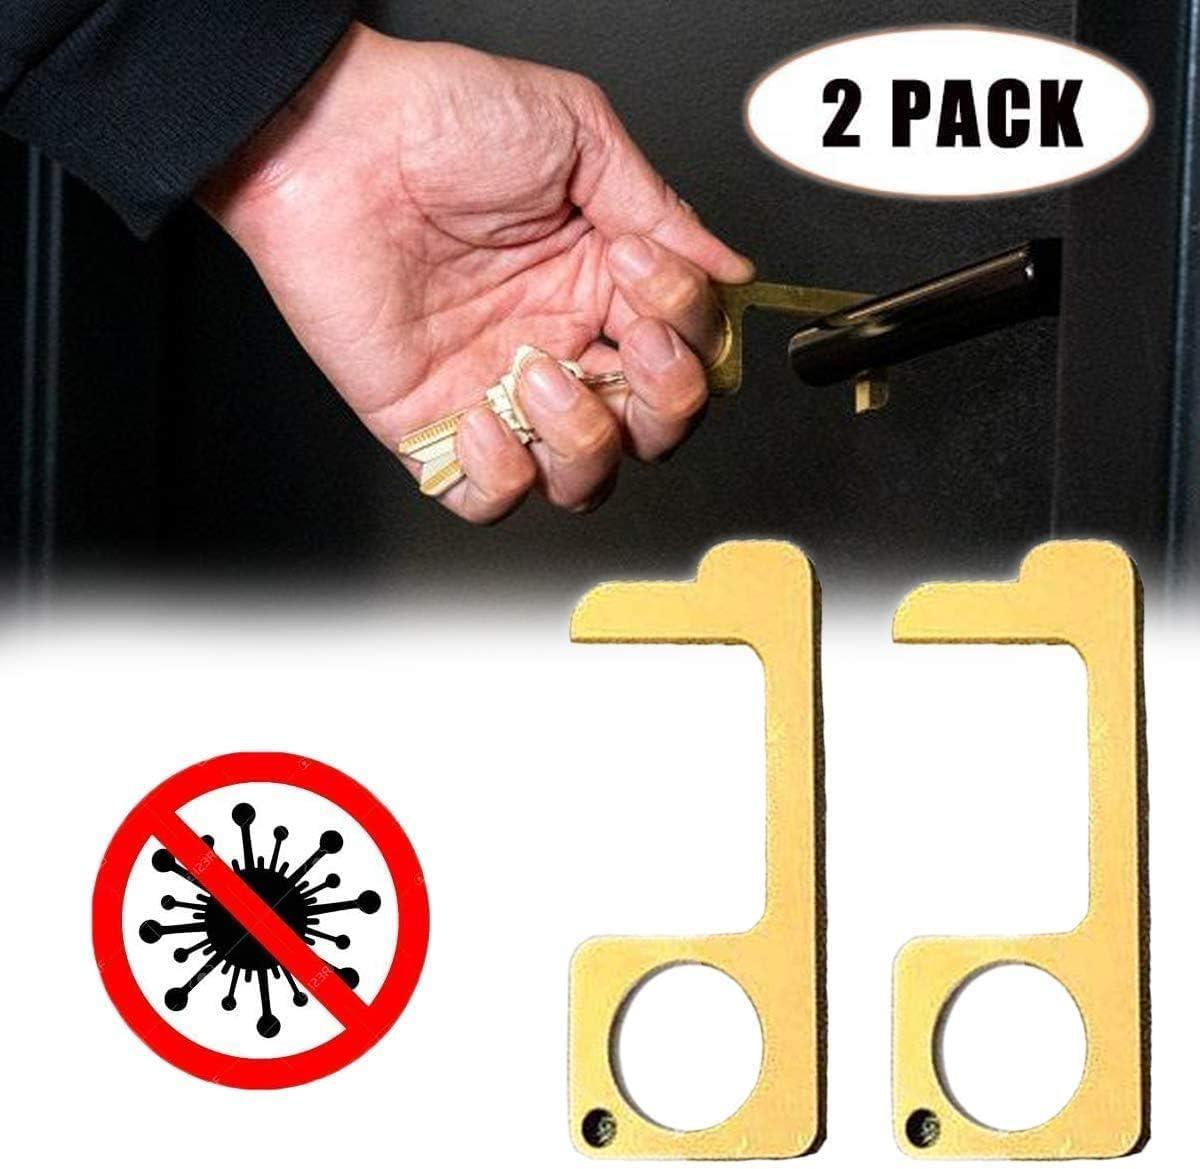 Handheld Non-Contact Door Opener Door Handle for Push The Elevator Button Open 3 Pcs Antiskid Design EDC Door Opener Tool Simple Hand Door Opener /& Stylus Environmental Protection